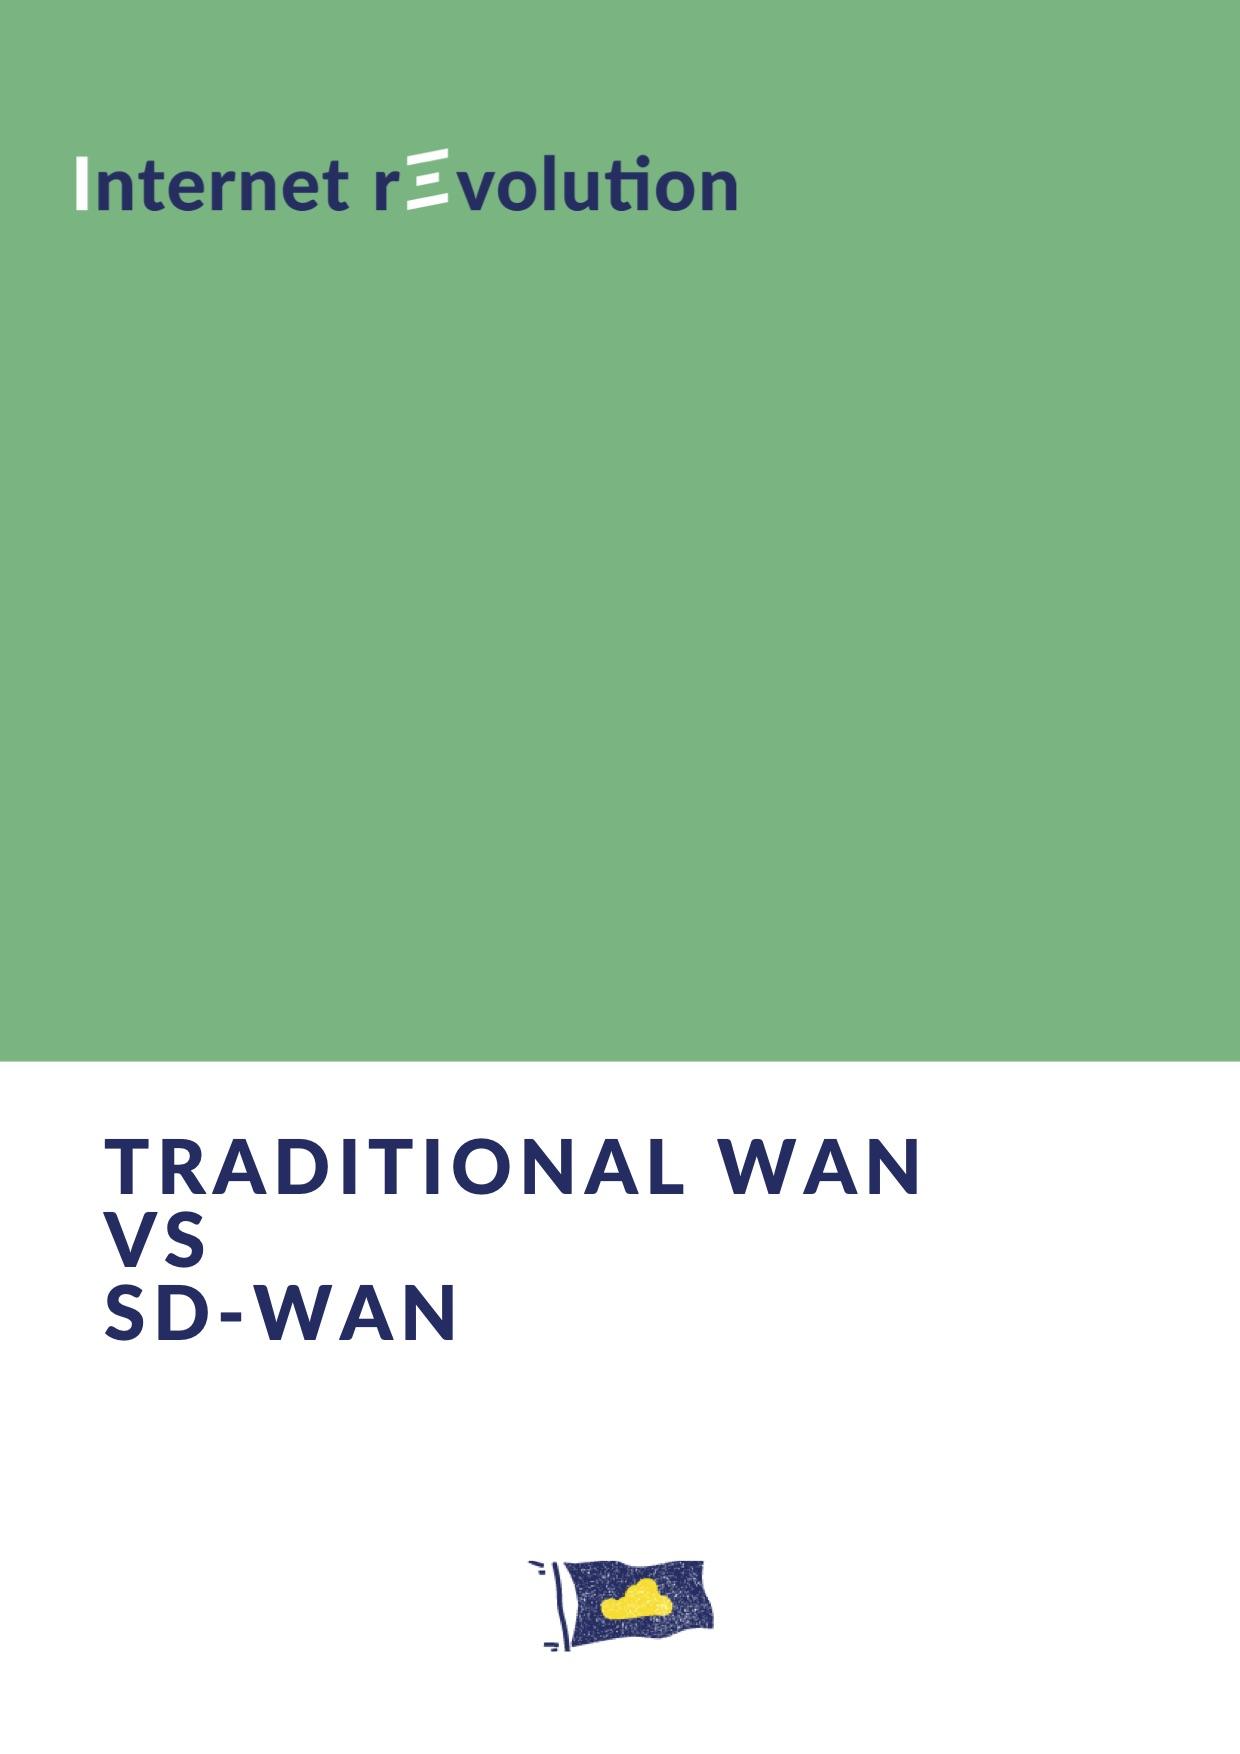 Wan vs SD-WAN